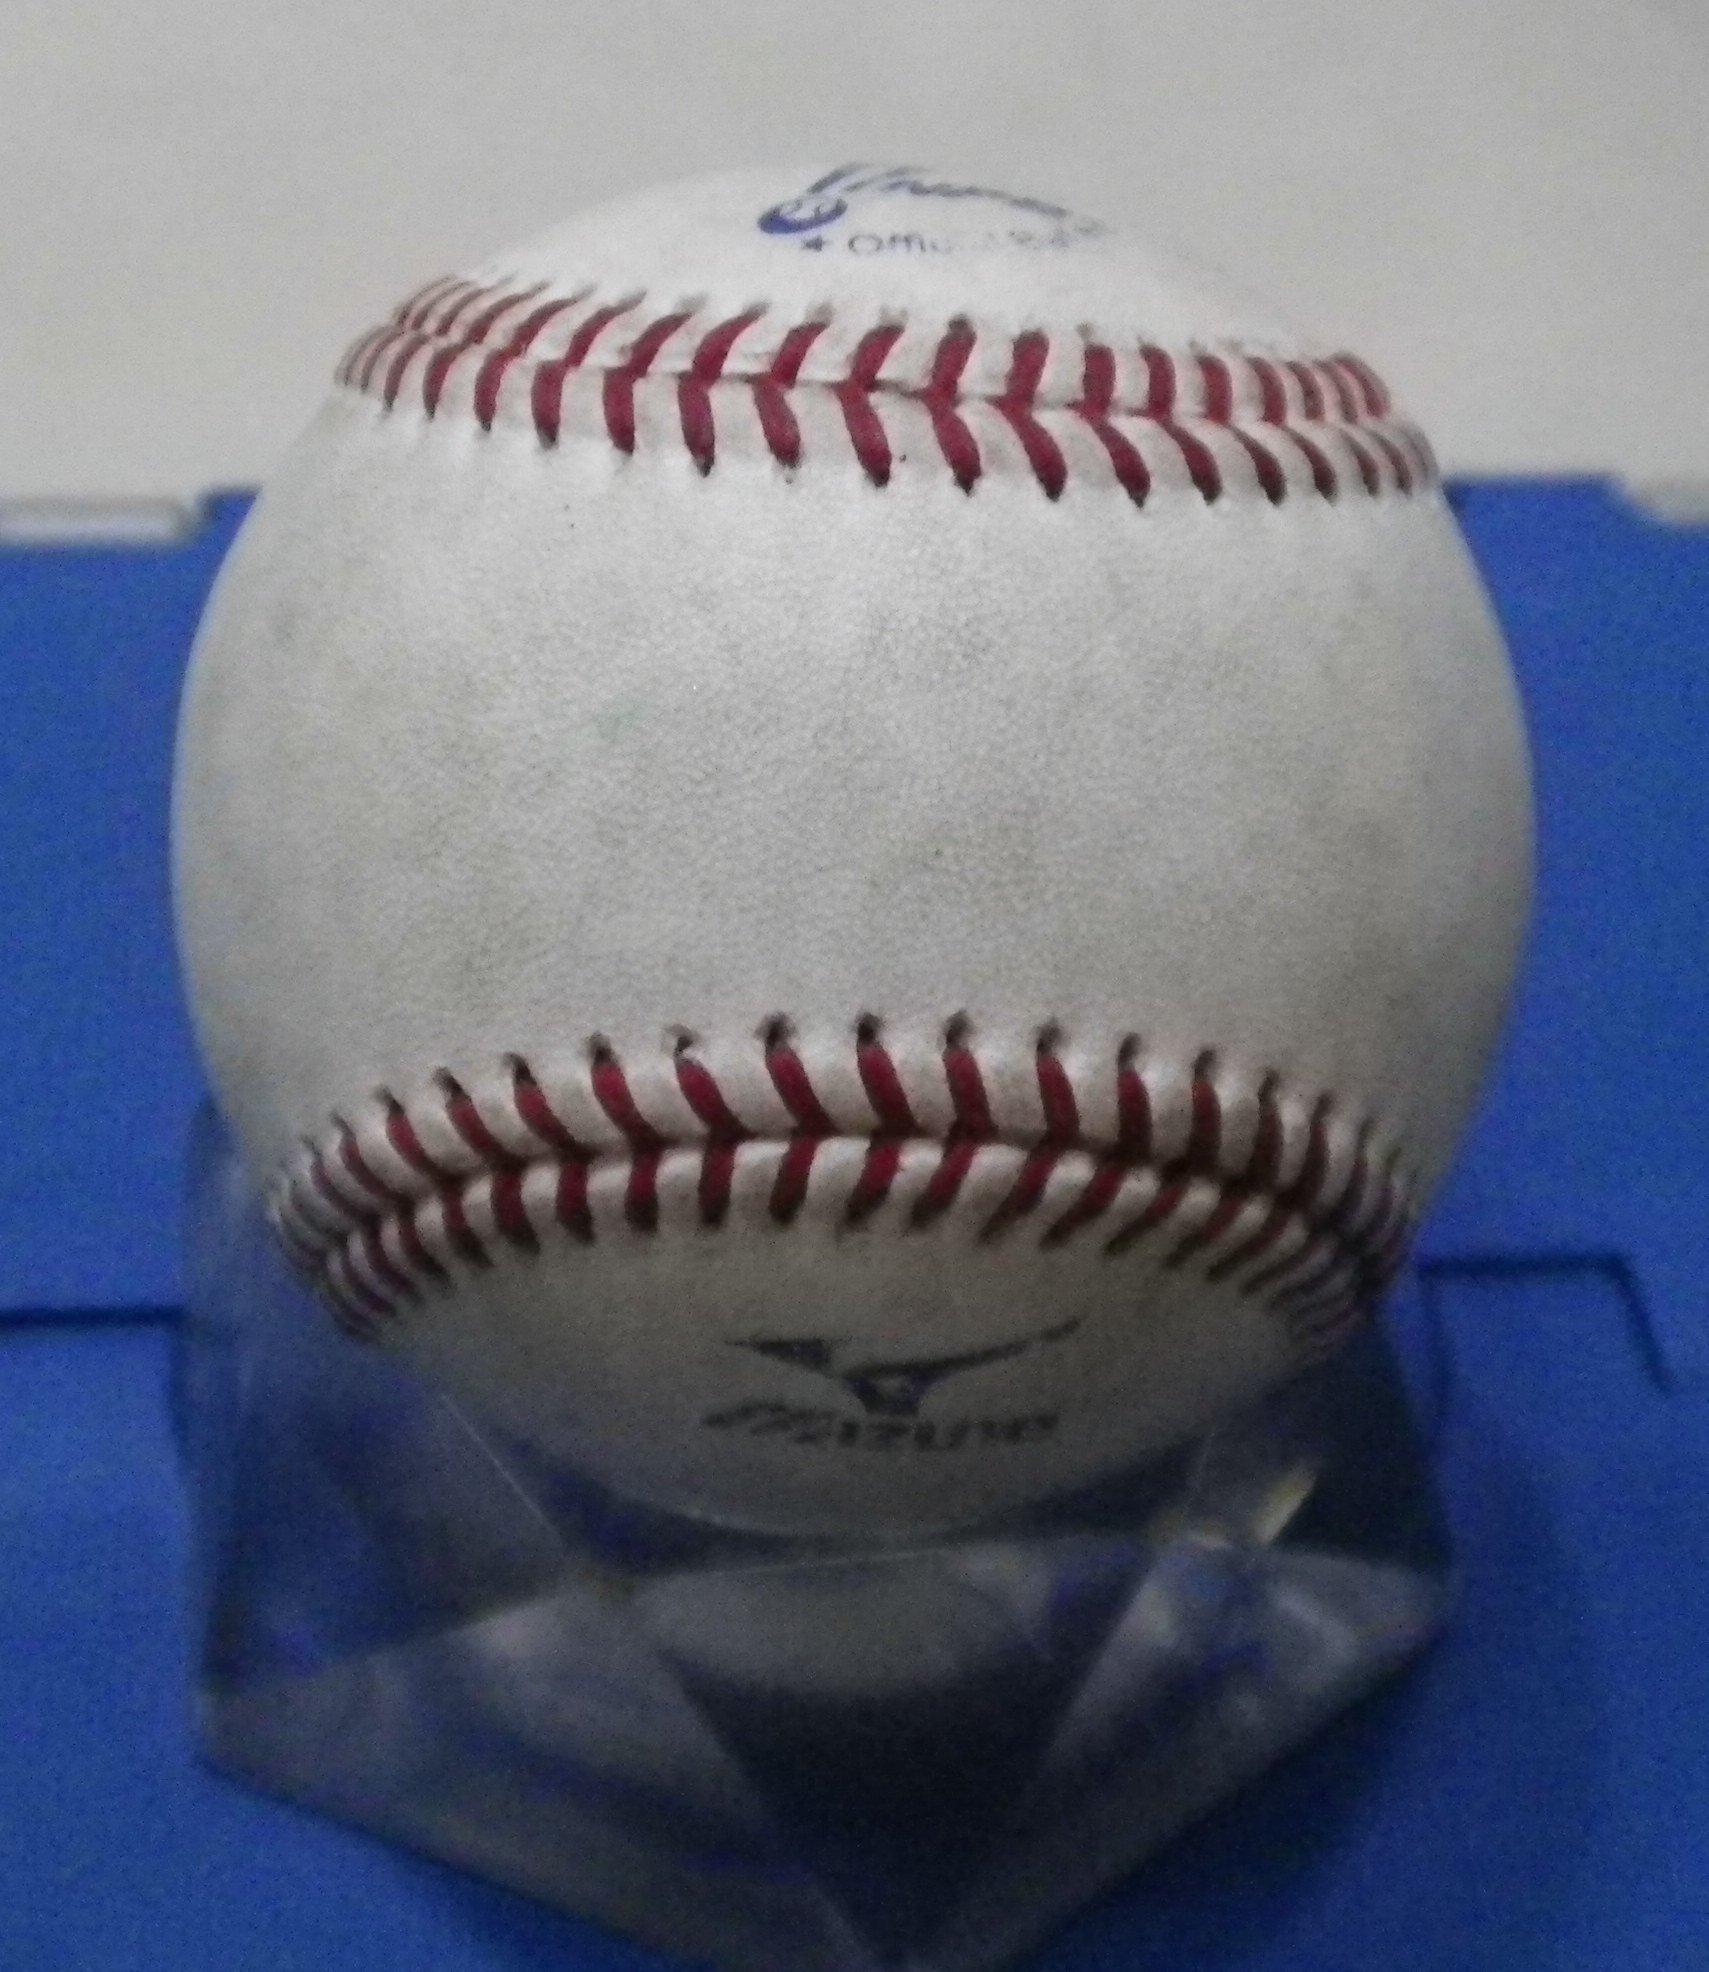 棒球天地---日本職棒實戰球.品項佳..只有1顆